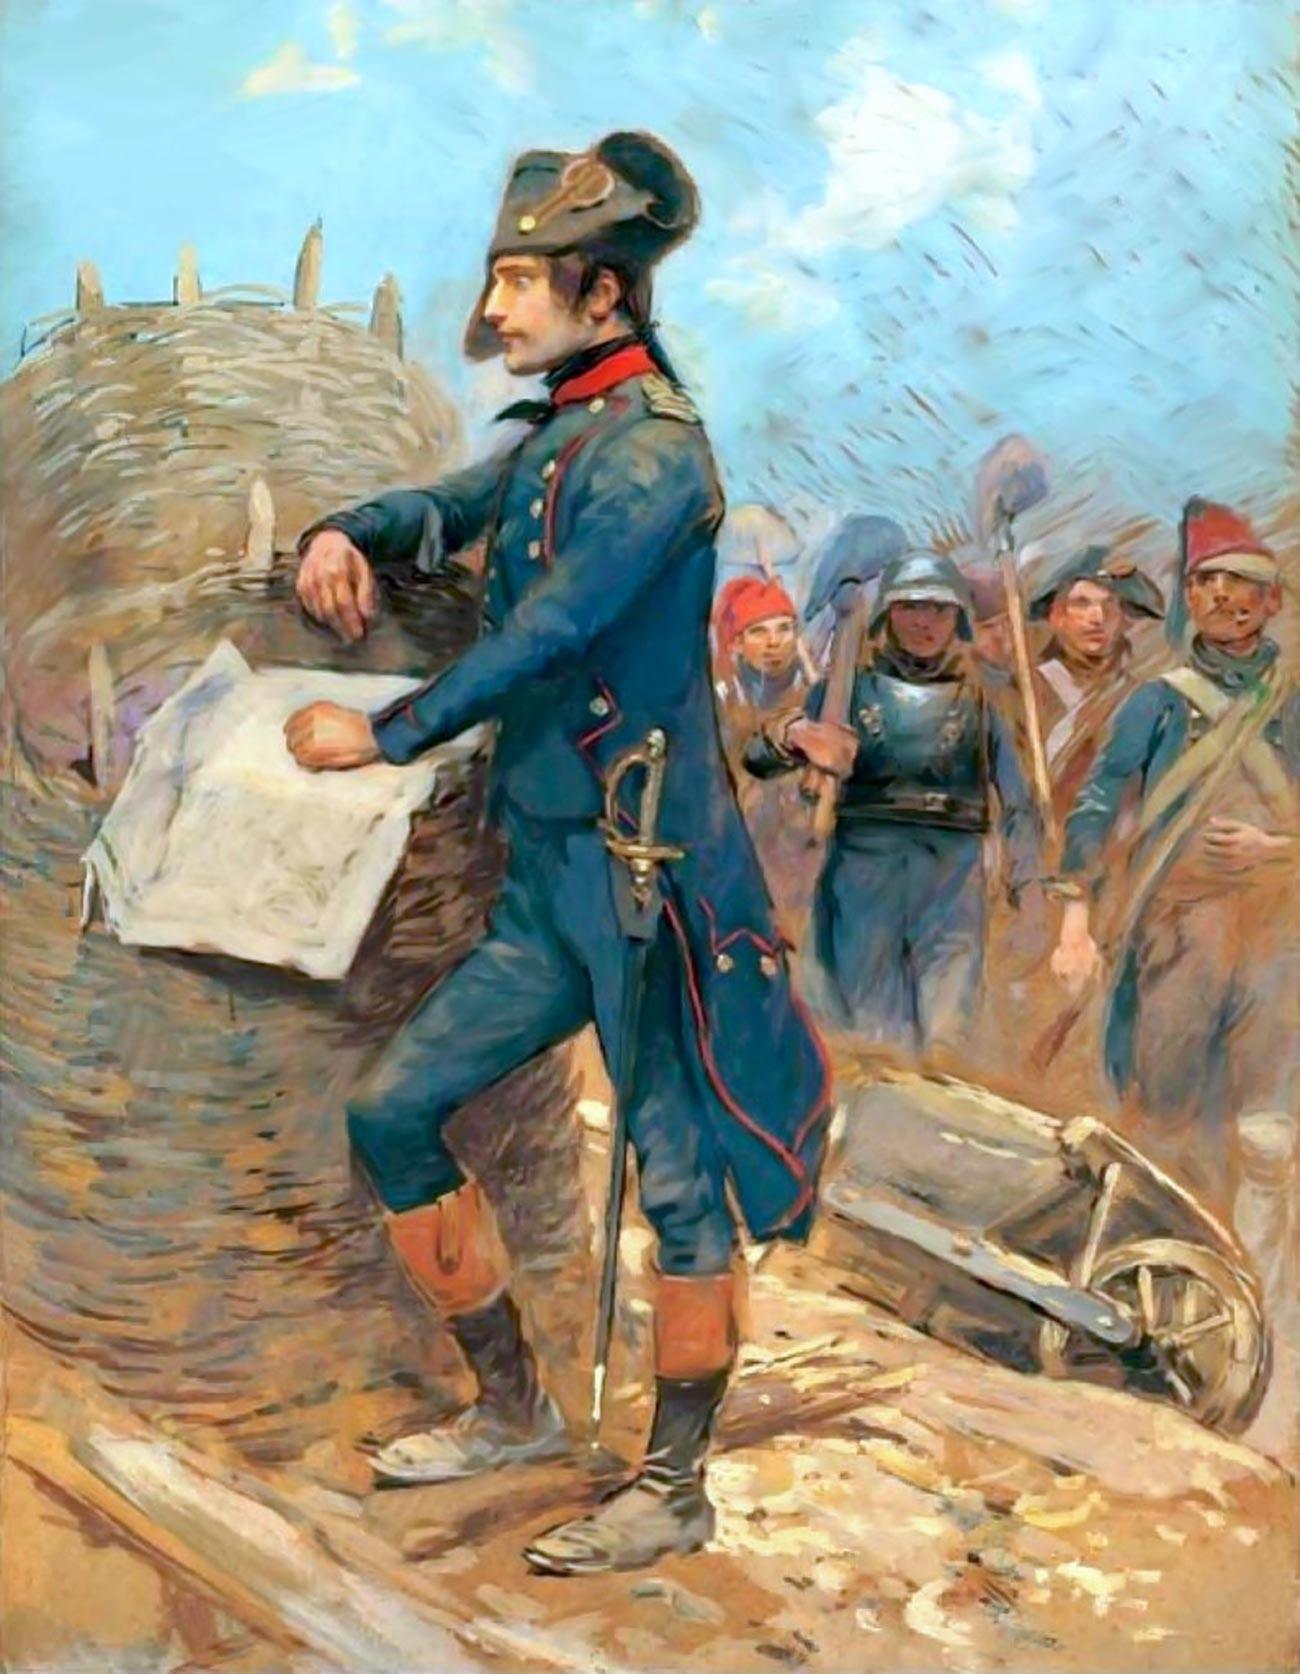 Bonaparte au siège de Toulon, 1793, toile d'Édouard Detaille, Musée de l'armée